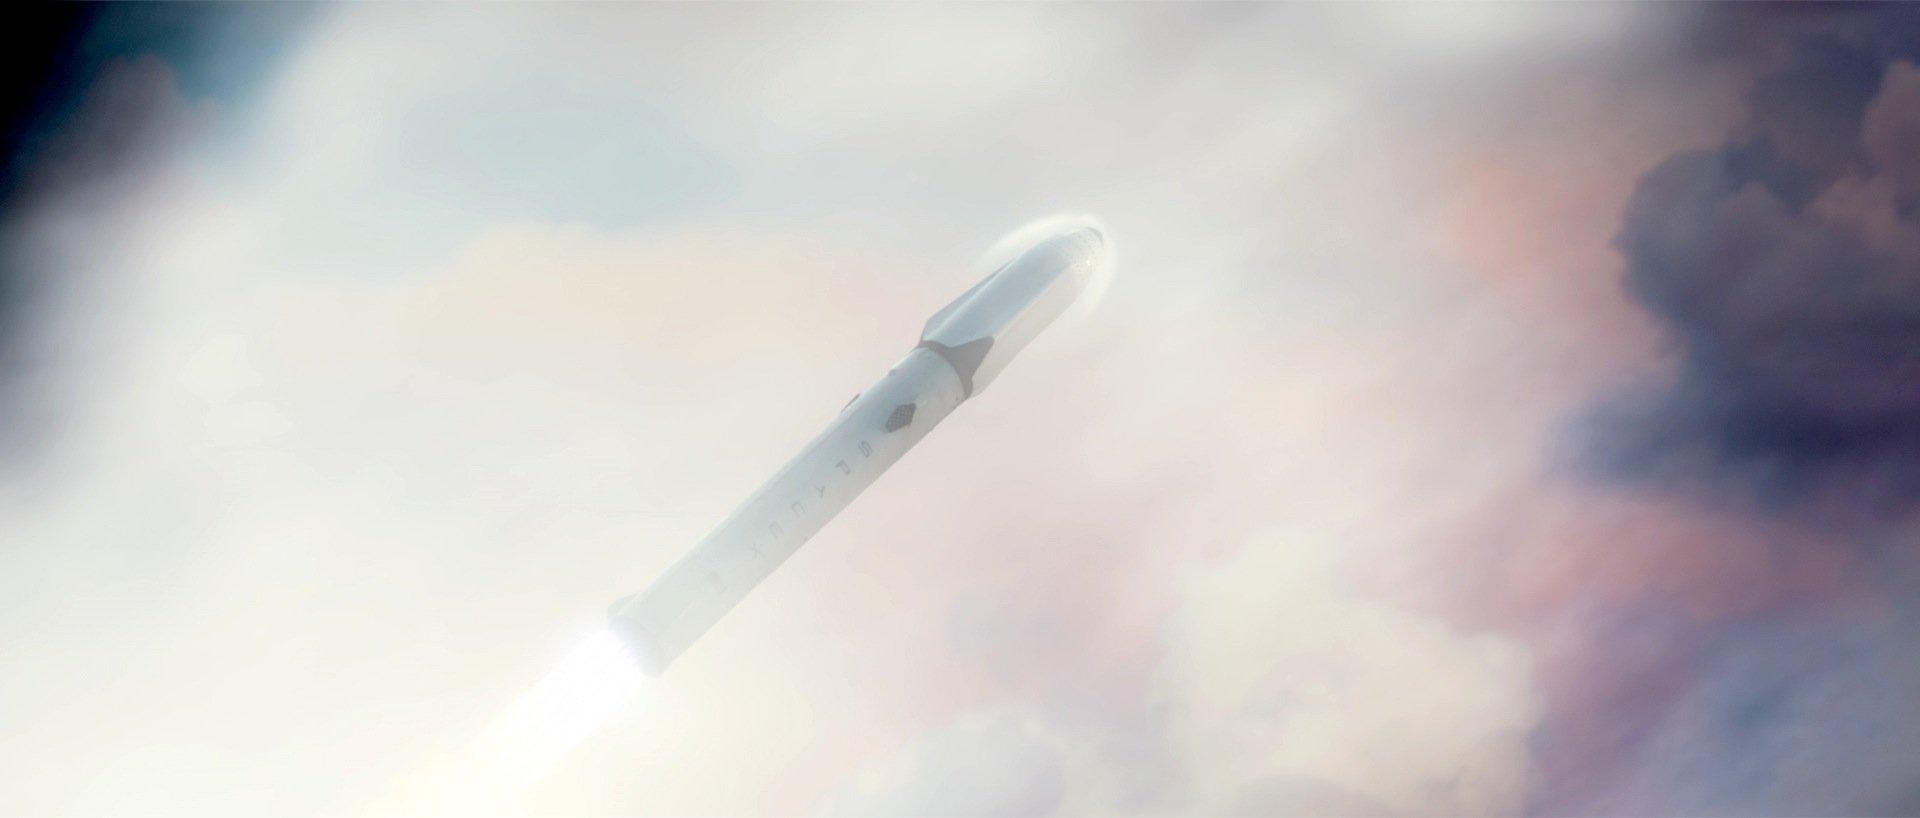 Flug einerFalcon-Heavy-Rakete: Sie ist stark genug, um eine bemannte Raumkapsel in den Orbit zu bringen.